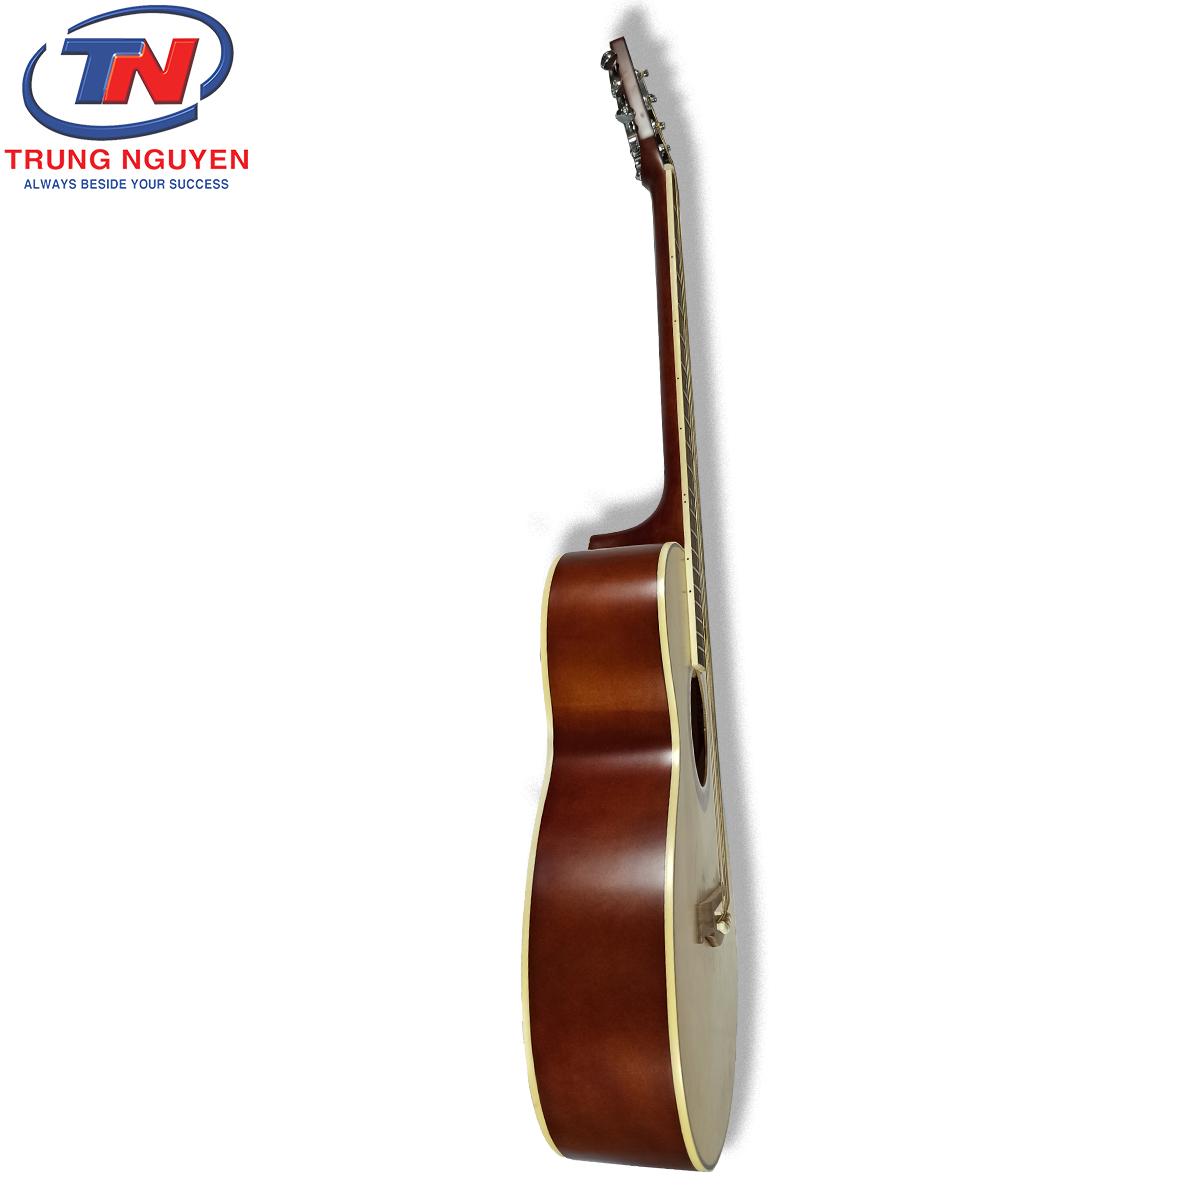 Guitar Acoustic Lankro LK 40. Nhạc cụ Trung Nguyên Chuyên Nhạc cụ